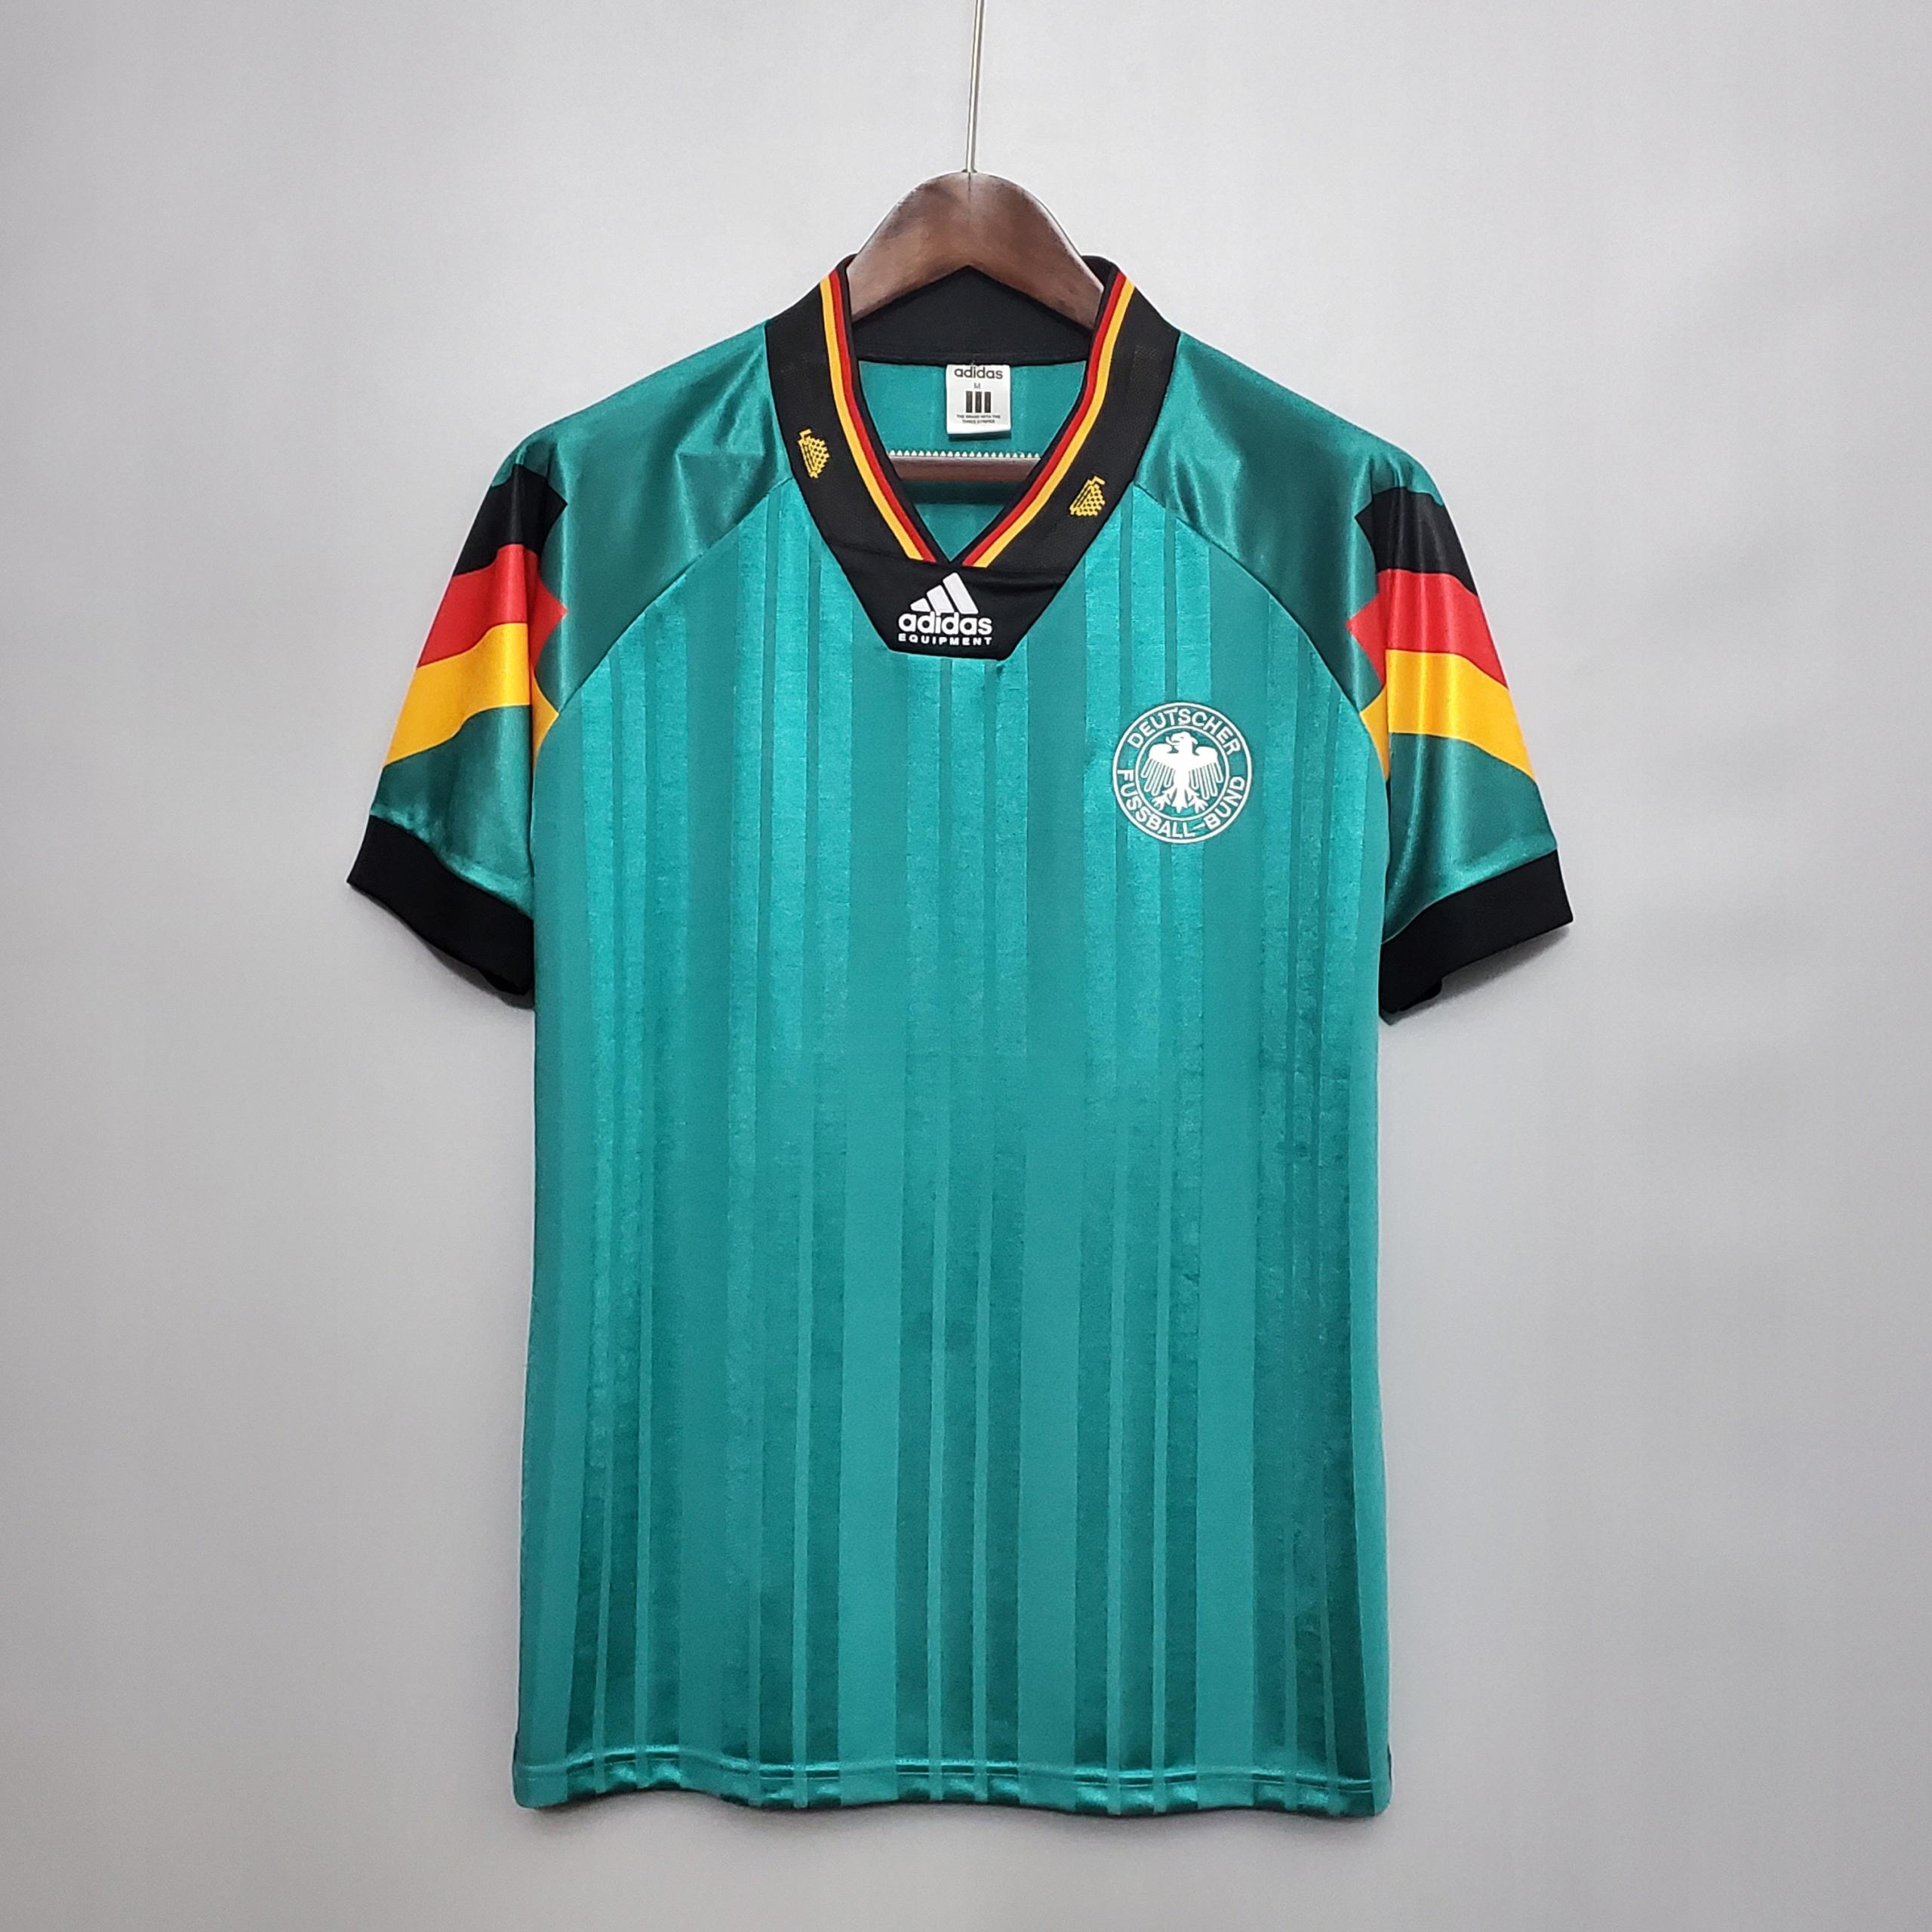 1992 Nemecko Nemecko retro futbalový dres